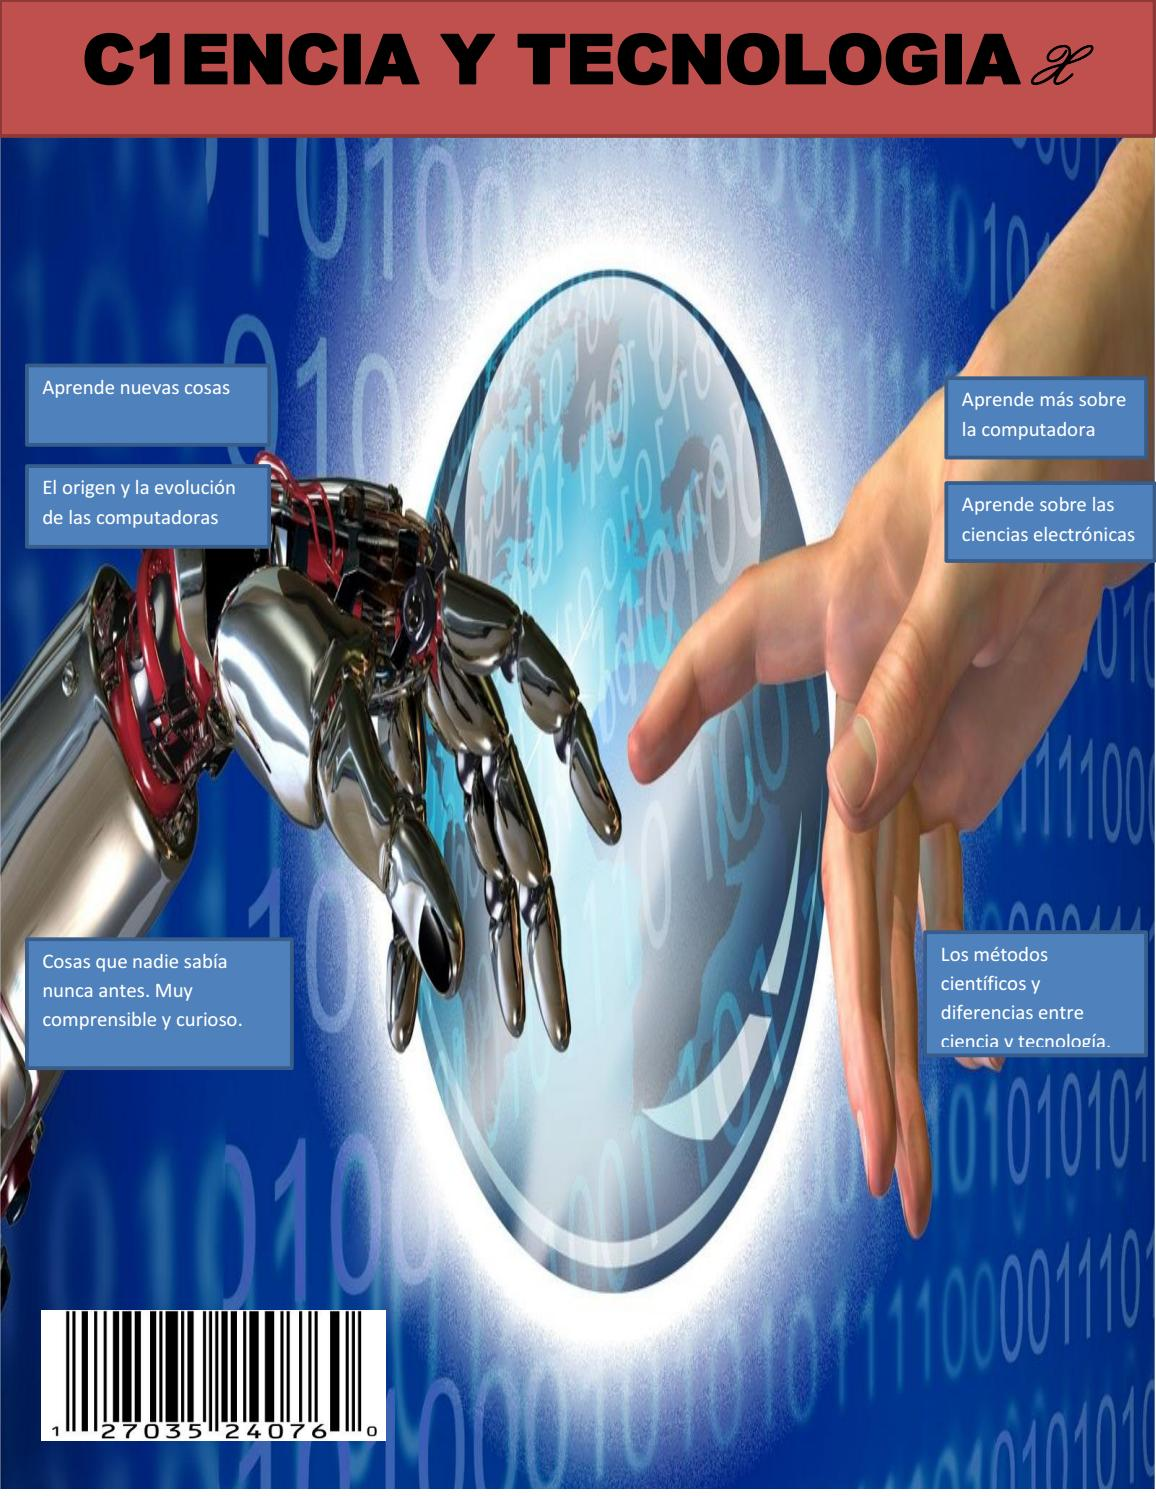 Revista c1encia y tecnología by Max Figueroa - issuu